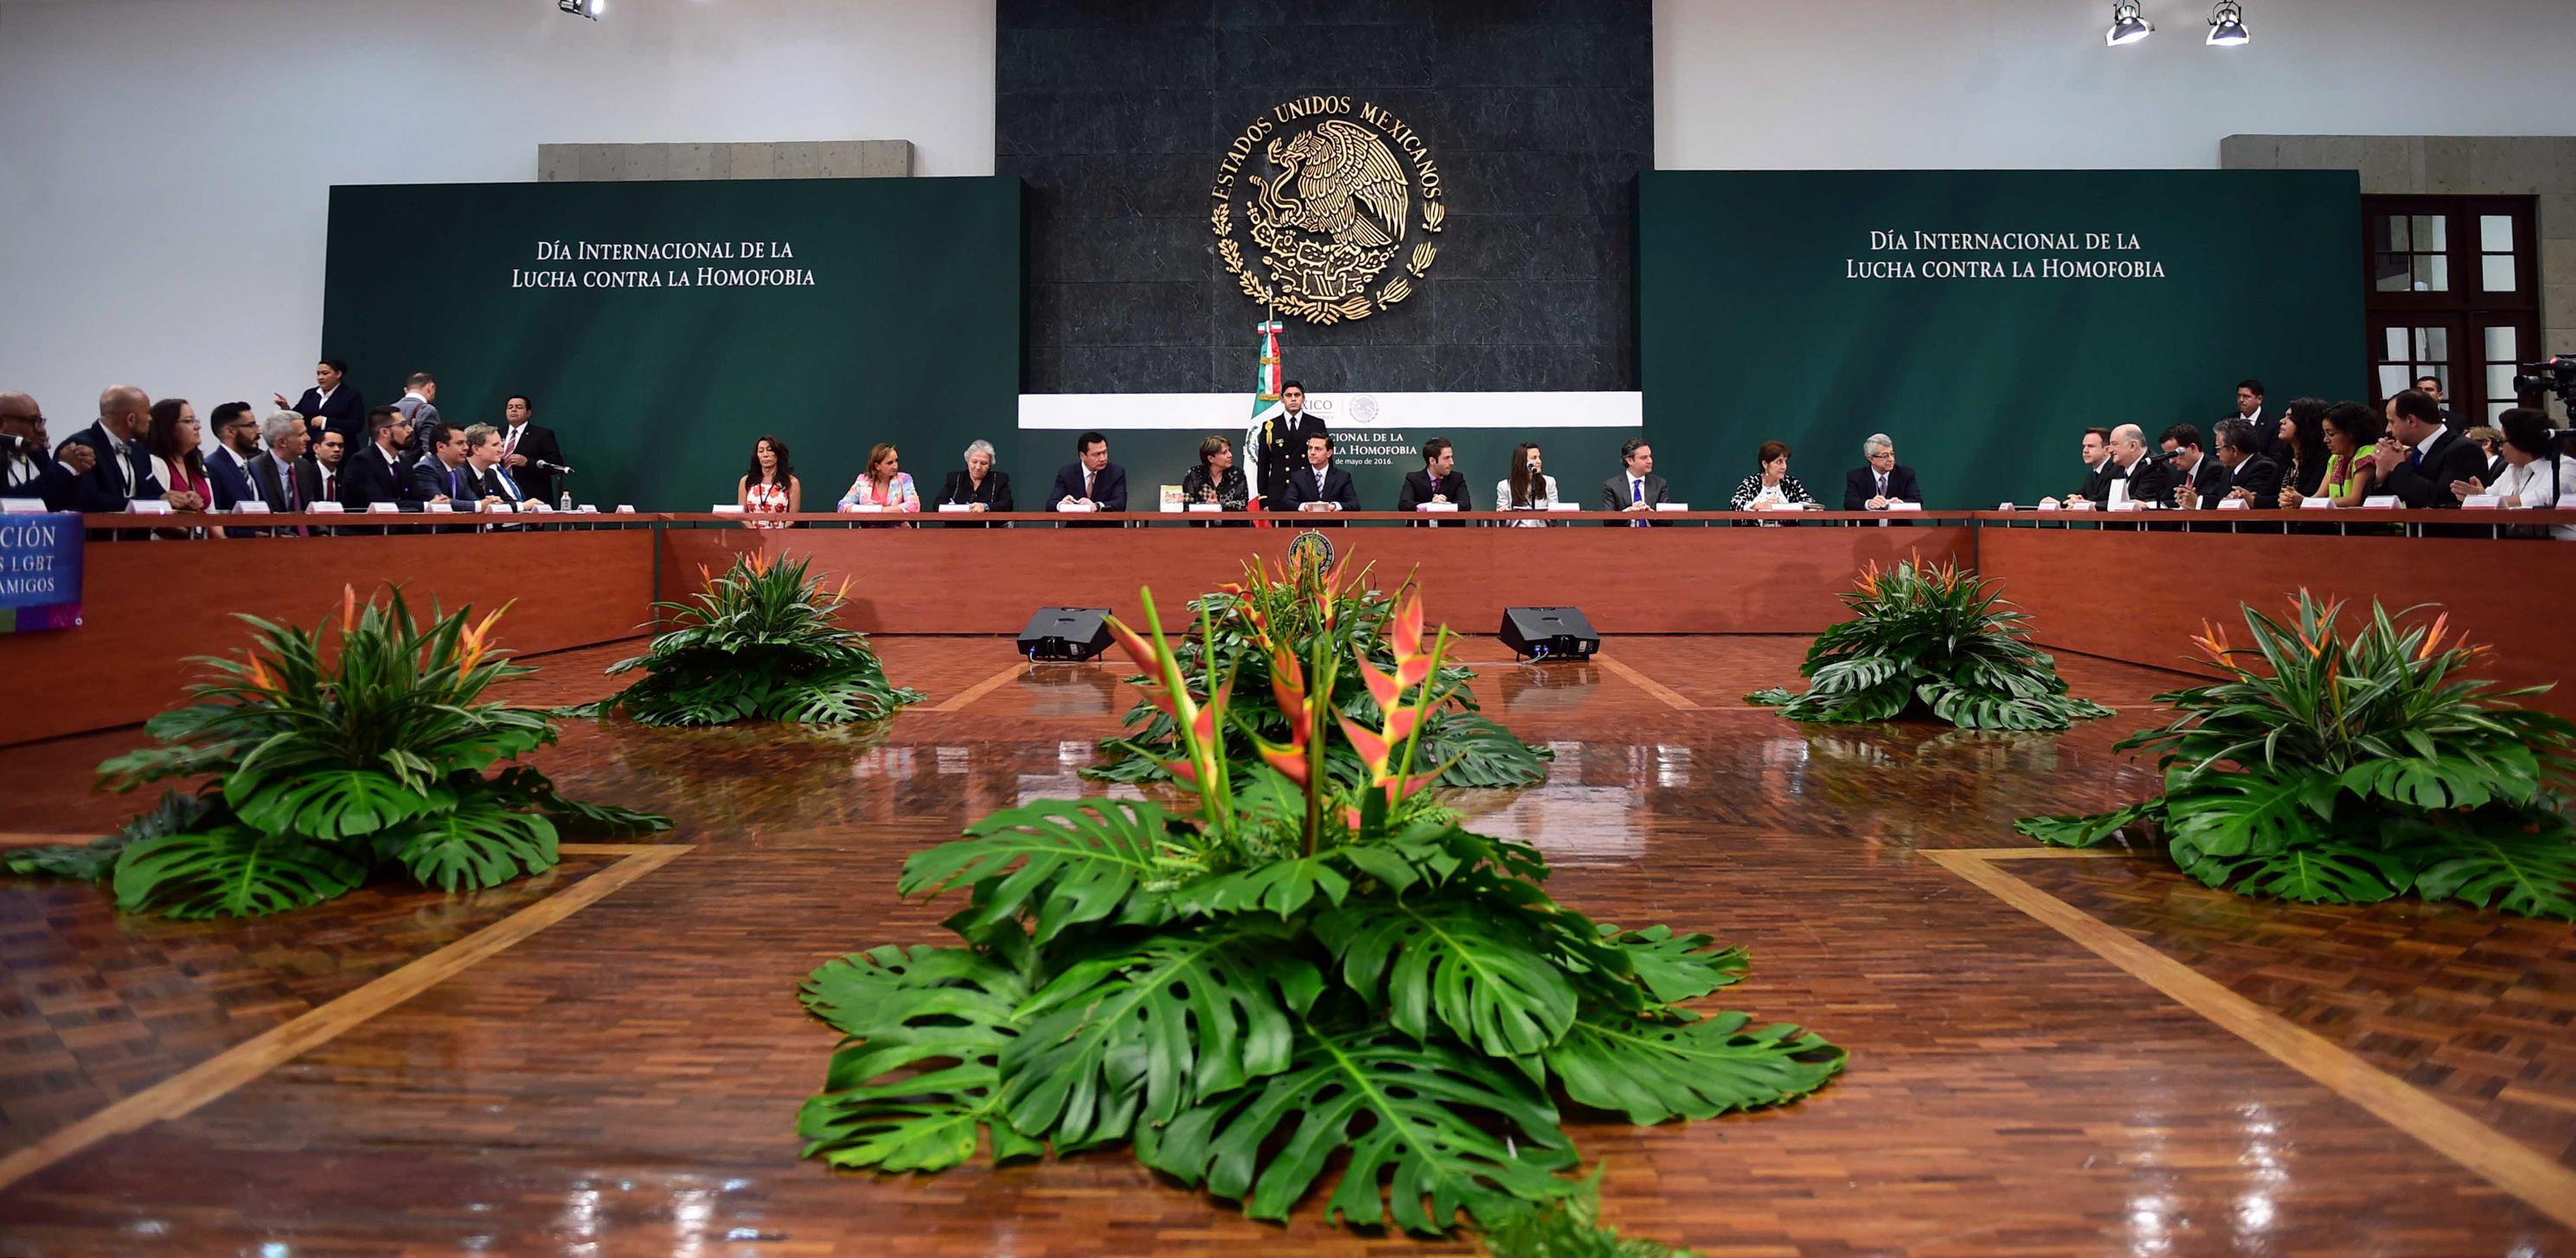 El Primer Mandatario definió cuatro determinaciones a favor de un México incluyente,  en el que todas las personas ejerzan sus derechos a plenitud.